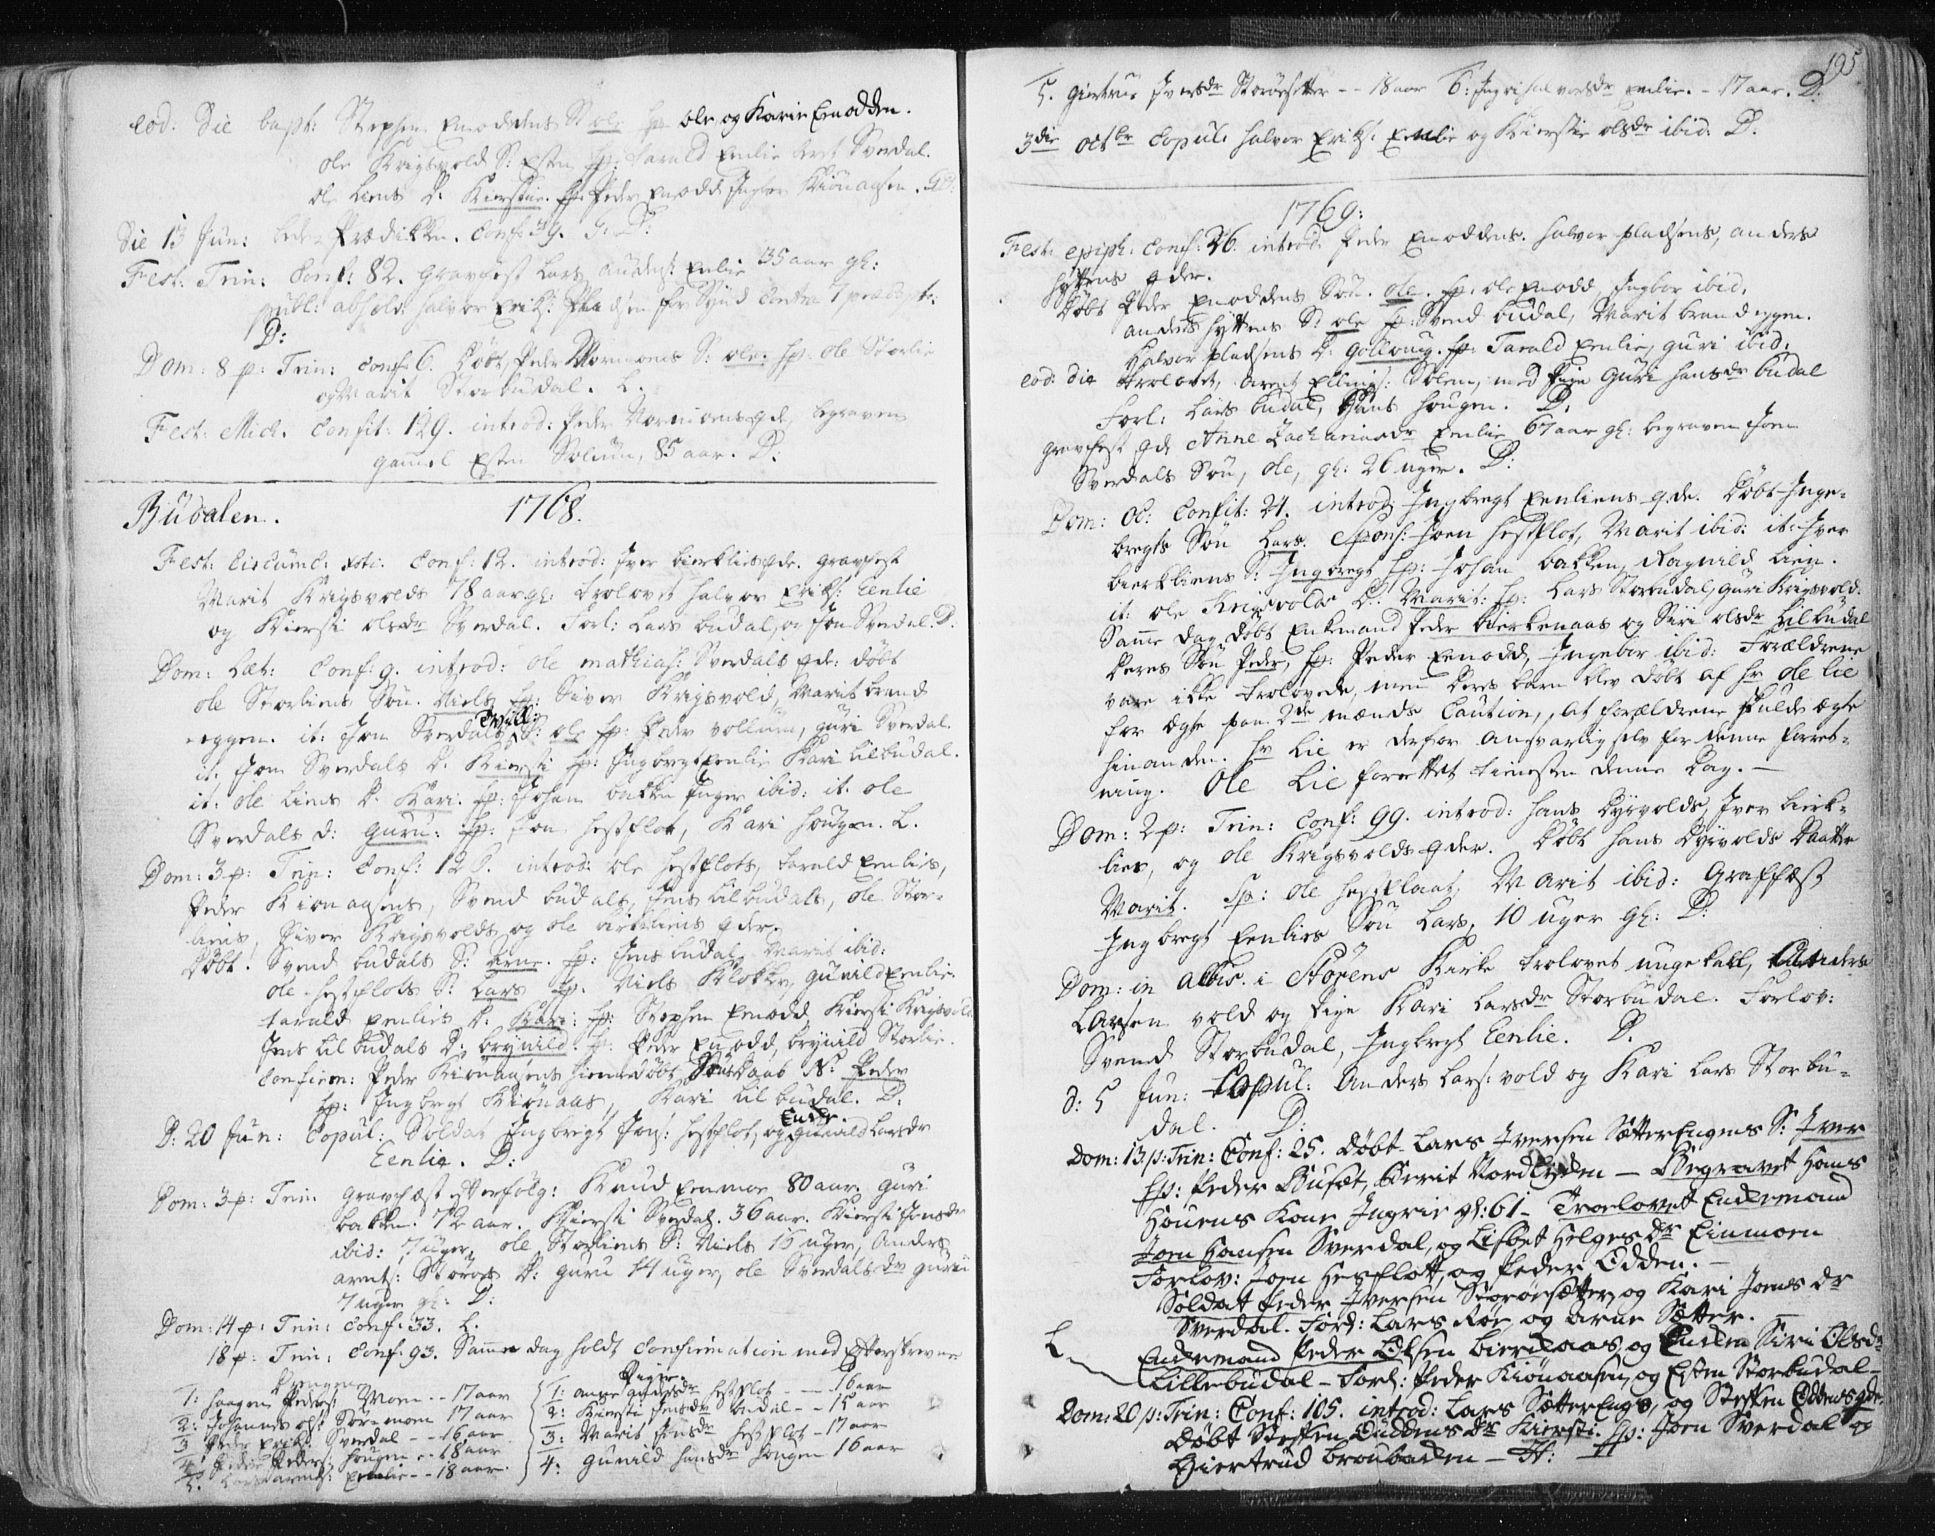 SAT, Ministerialprotokoller, klokkerbøker og fødselsregistre - Sør-Trøndelag, 687/L0991: Ministerialbok nr. 687A02, 1747-1790, s. 195